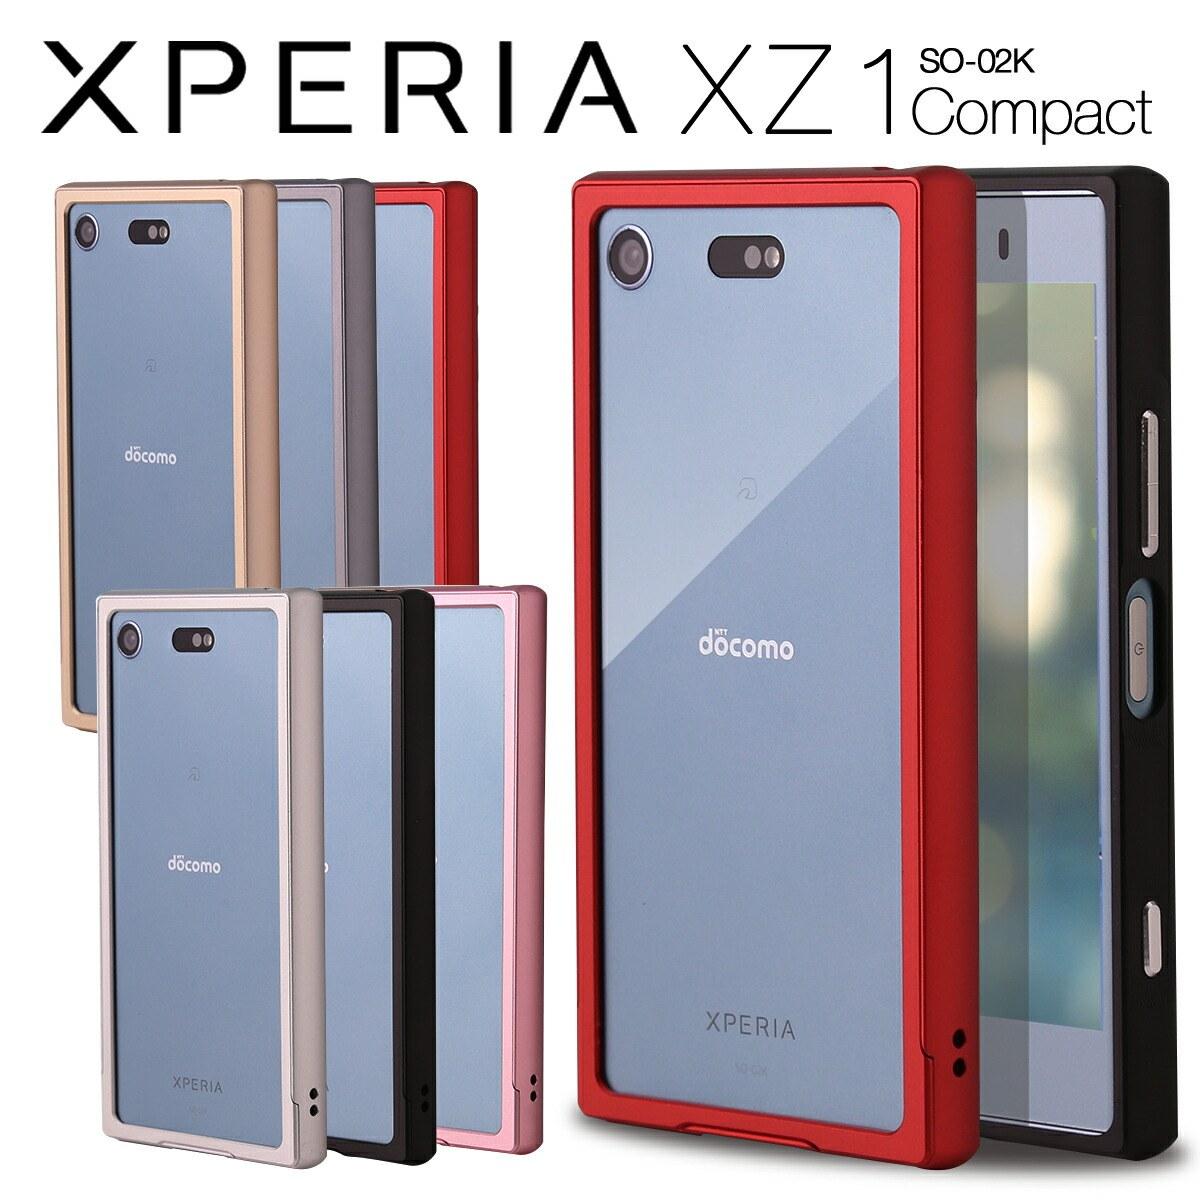 エクスペリアXZ1コンパクト Xperia XZ1 Compact SO-02K アルミメタルバンパー | スマホ ケース スマホ カバー エクスペリアXZ1コンパクト アルミ シンプル 送料無料 バンパー おすすめ おしゃれ かっこいい バンパーケース スリム メタル メタリック 人気